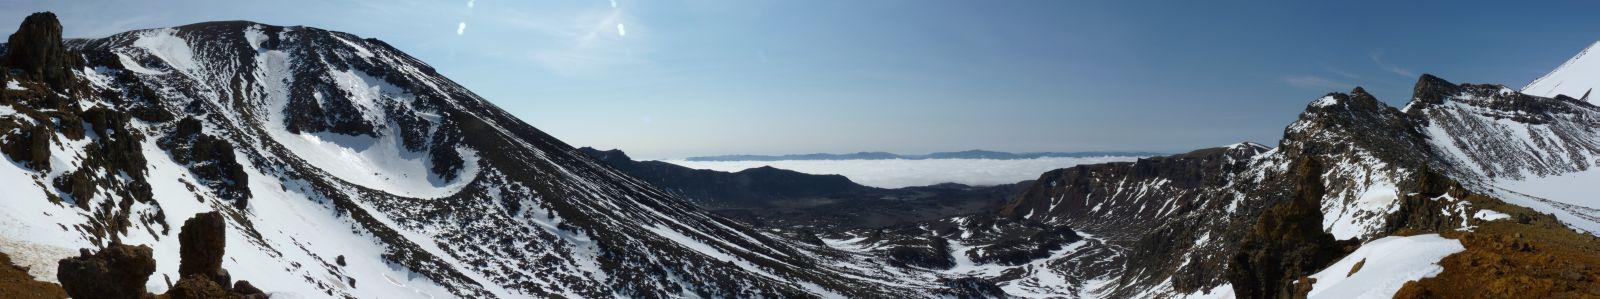 tongariro-alpine-crossing-4